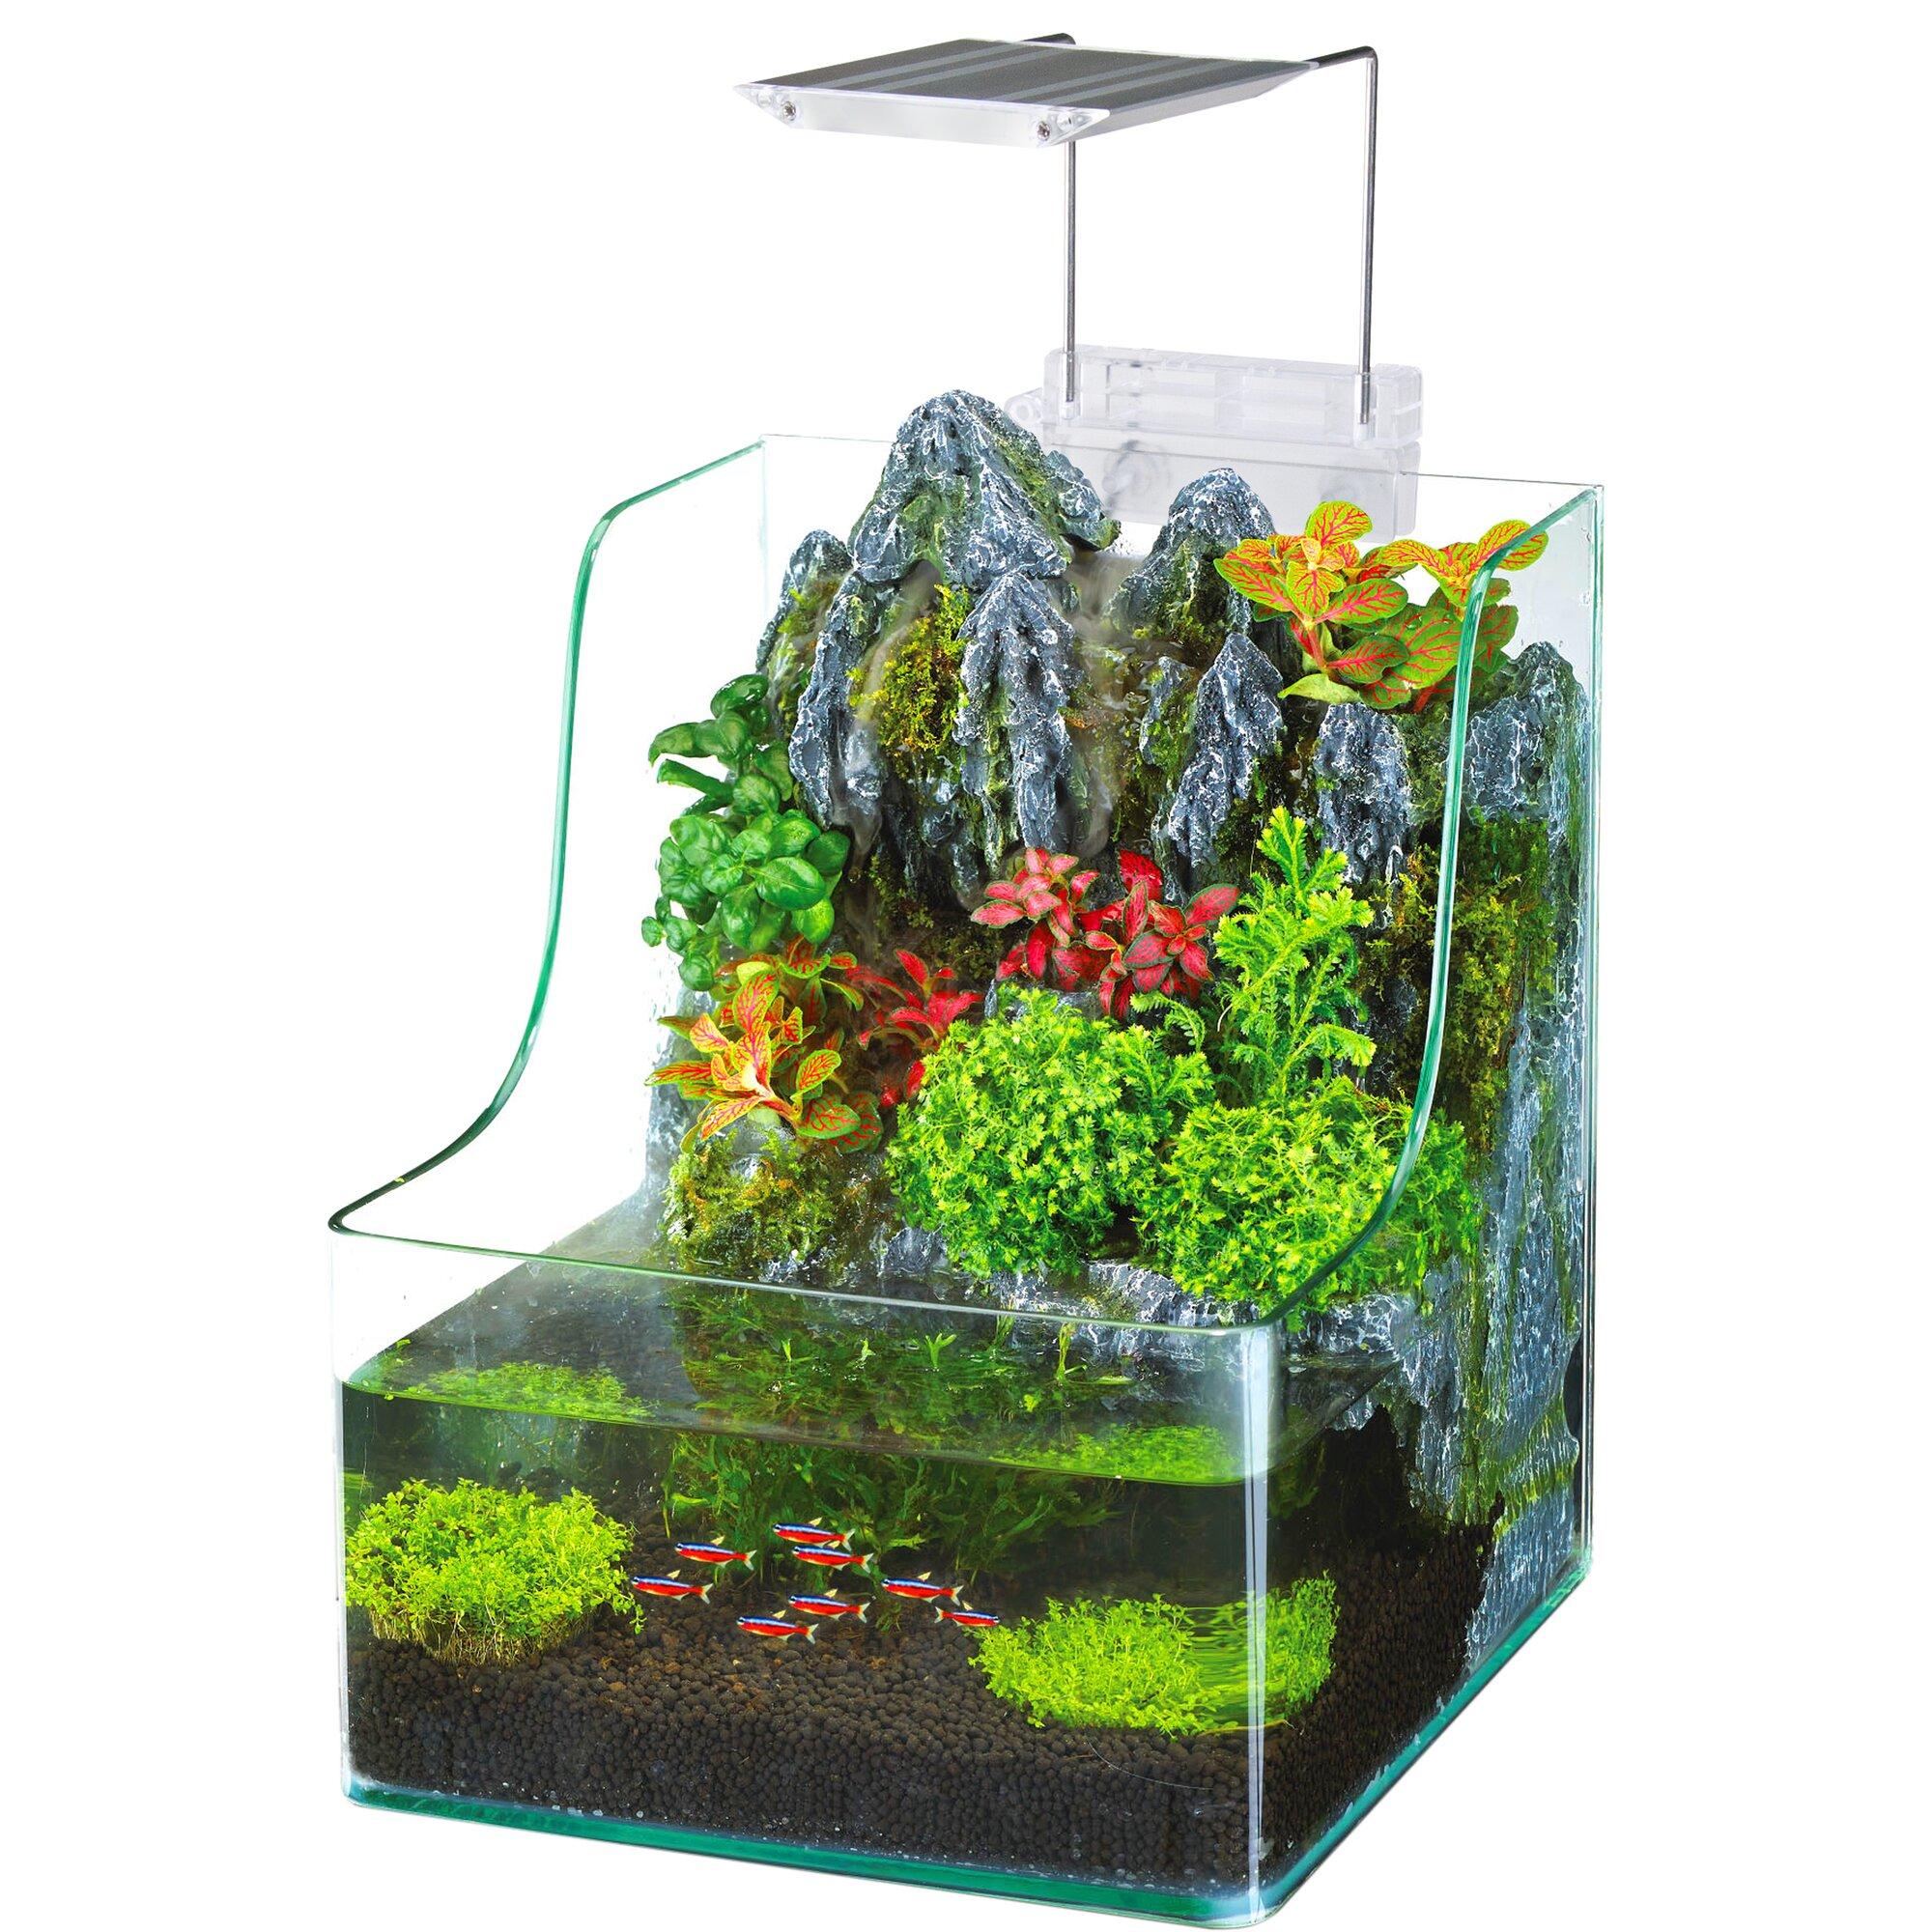 Penn plax 1 gallon aquaterrium aquarium tank reviews for 10 fish are in a tank riddle answer